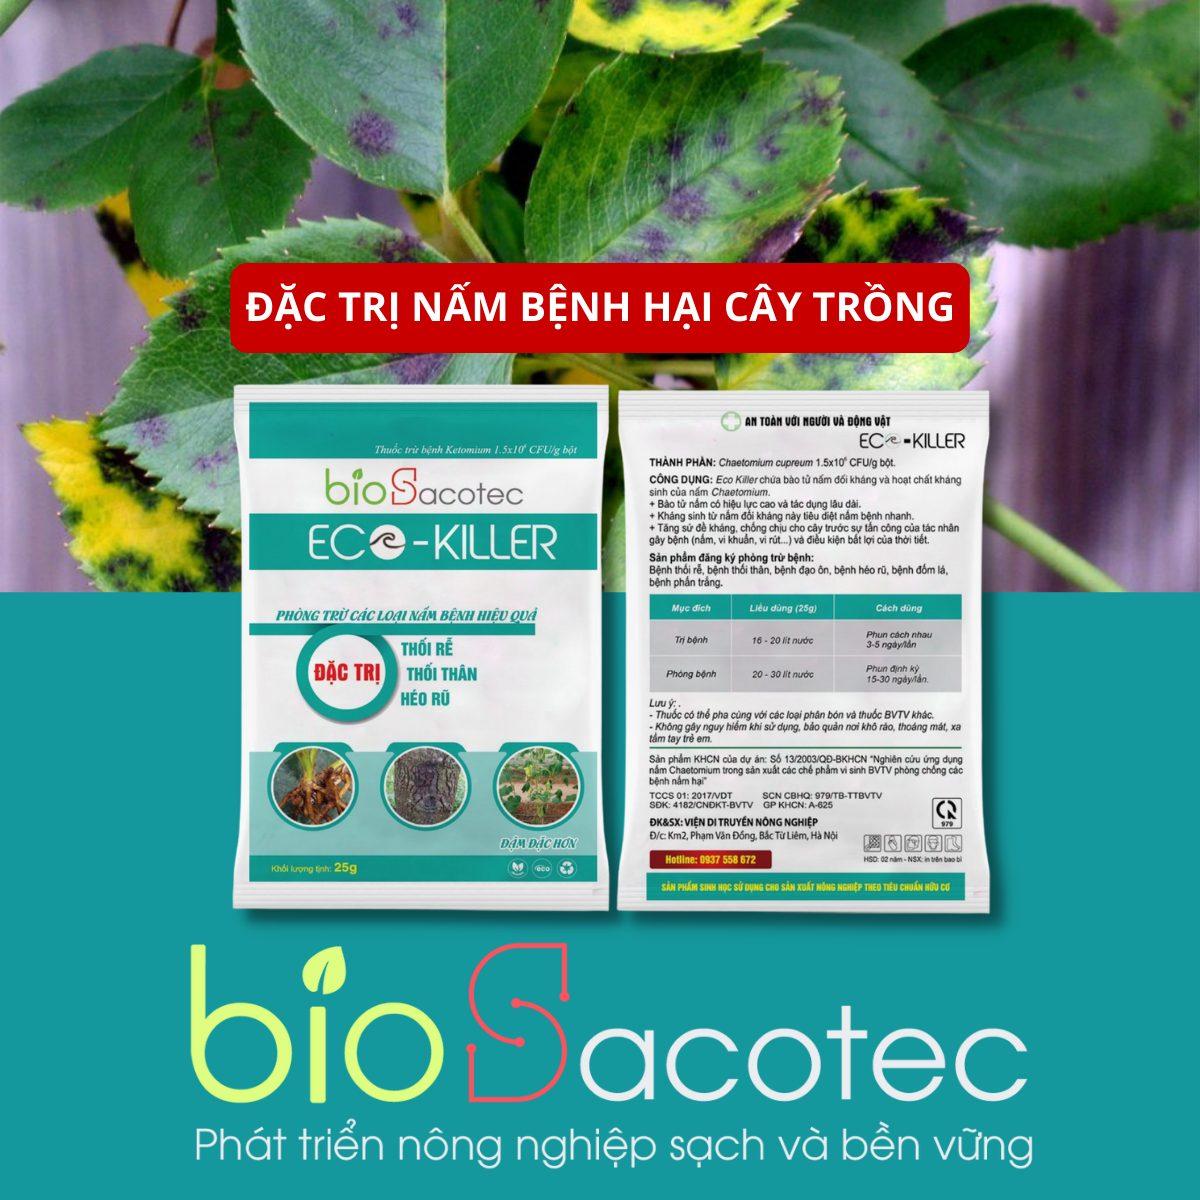 Eco Killer 25 - Thuốc đặc trị thối rễ, thối thân, héo rũ, đốm lá, phấn trắng